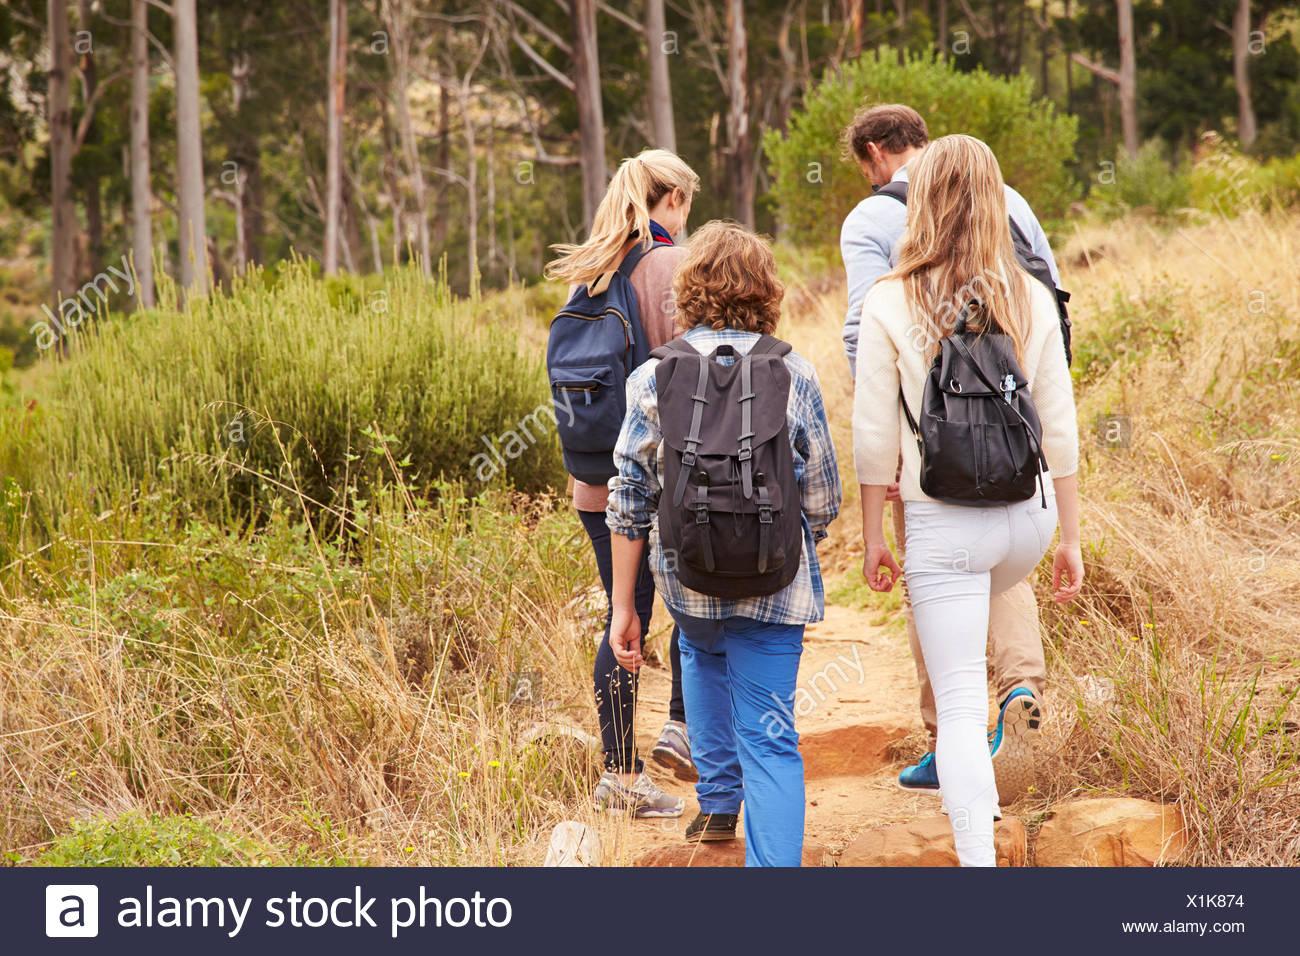 Familia caminando por un sendero en un bosque, vista posterior Imagen De Stock